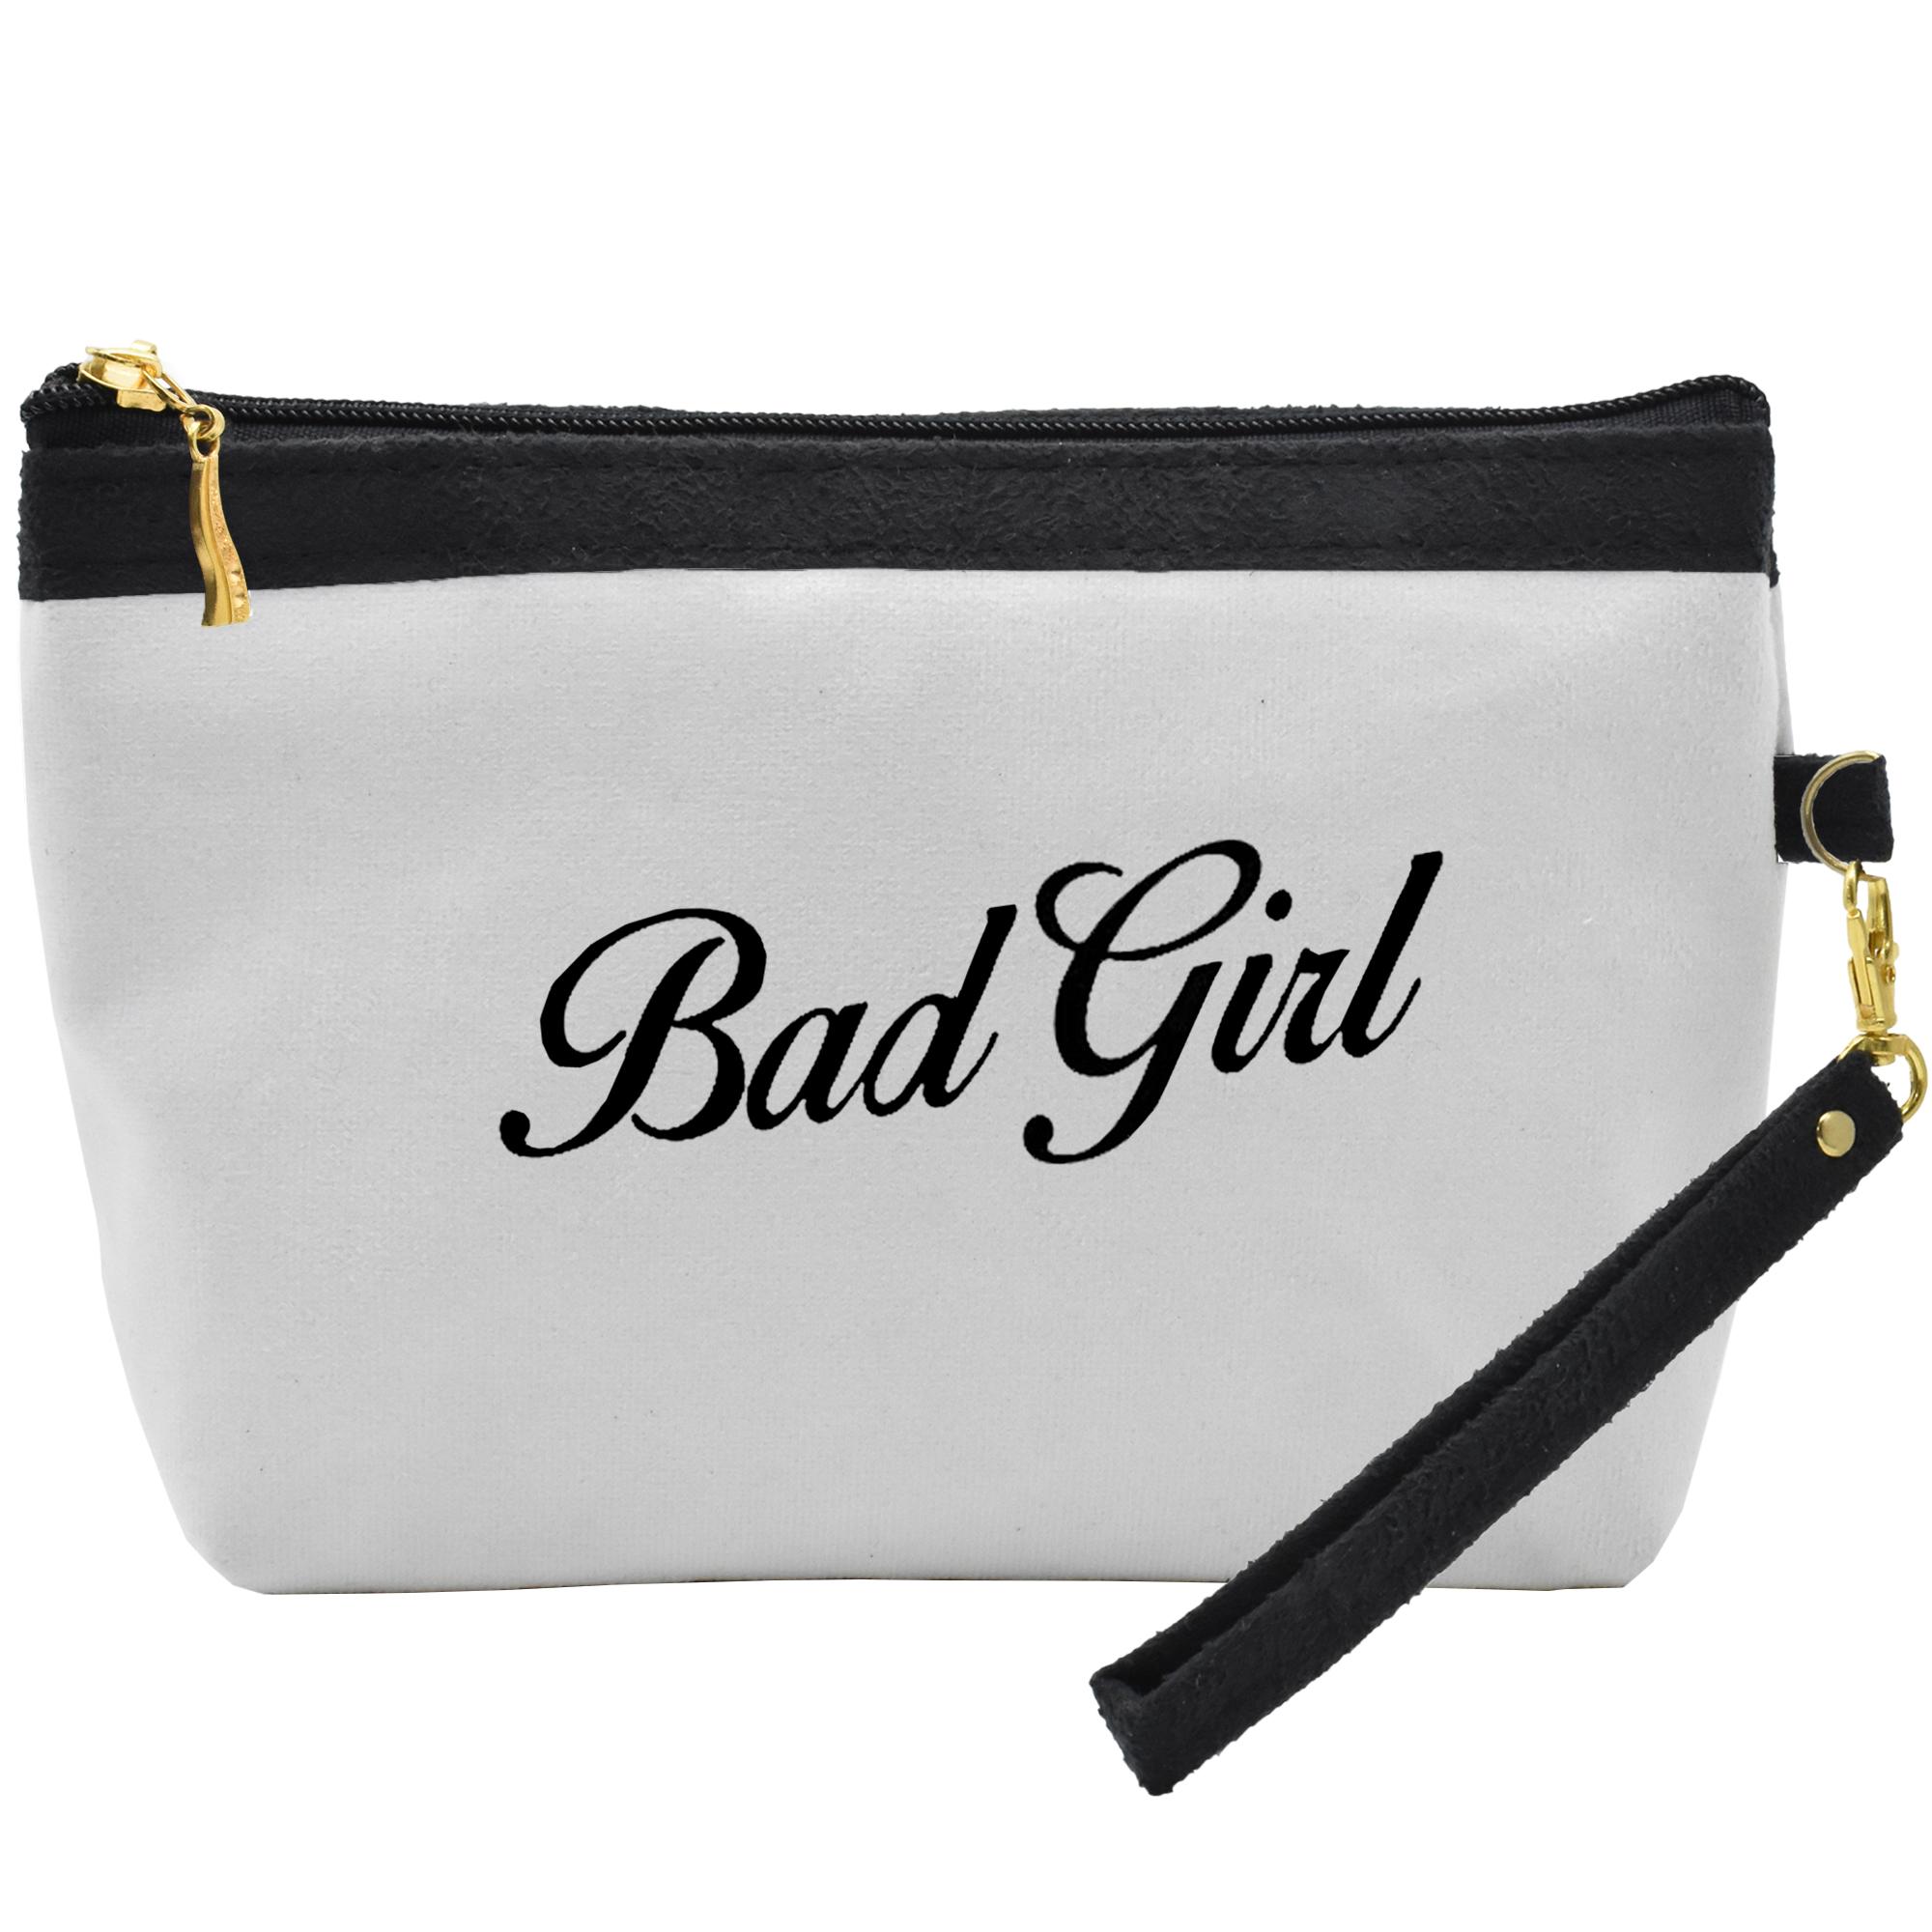 کیف لوازم آرایشی طرح Bad Girl کد C41